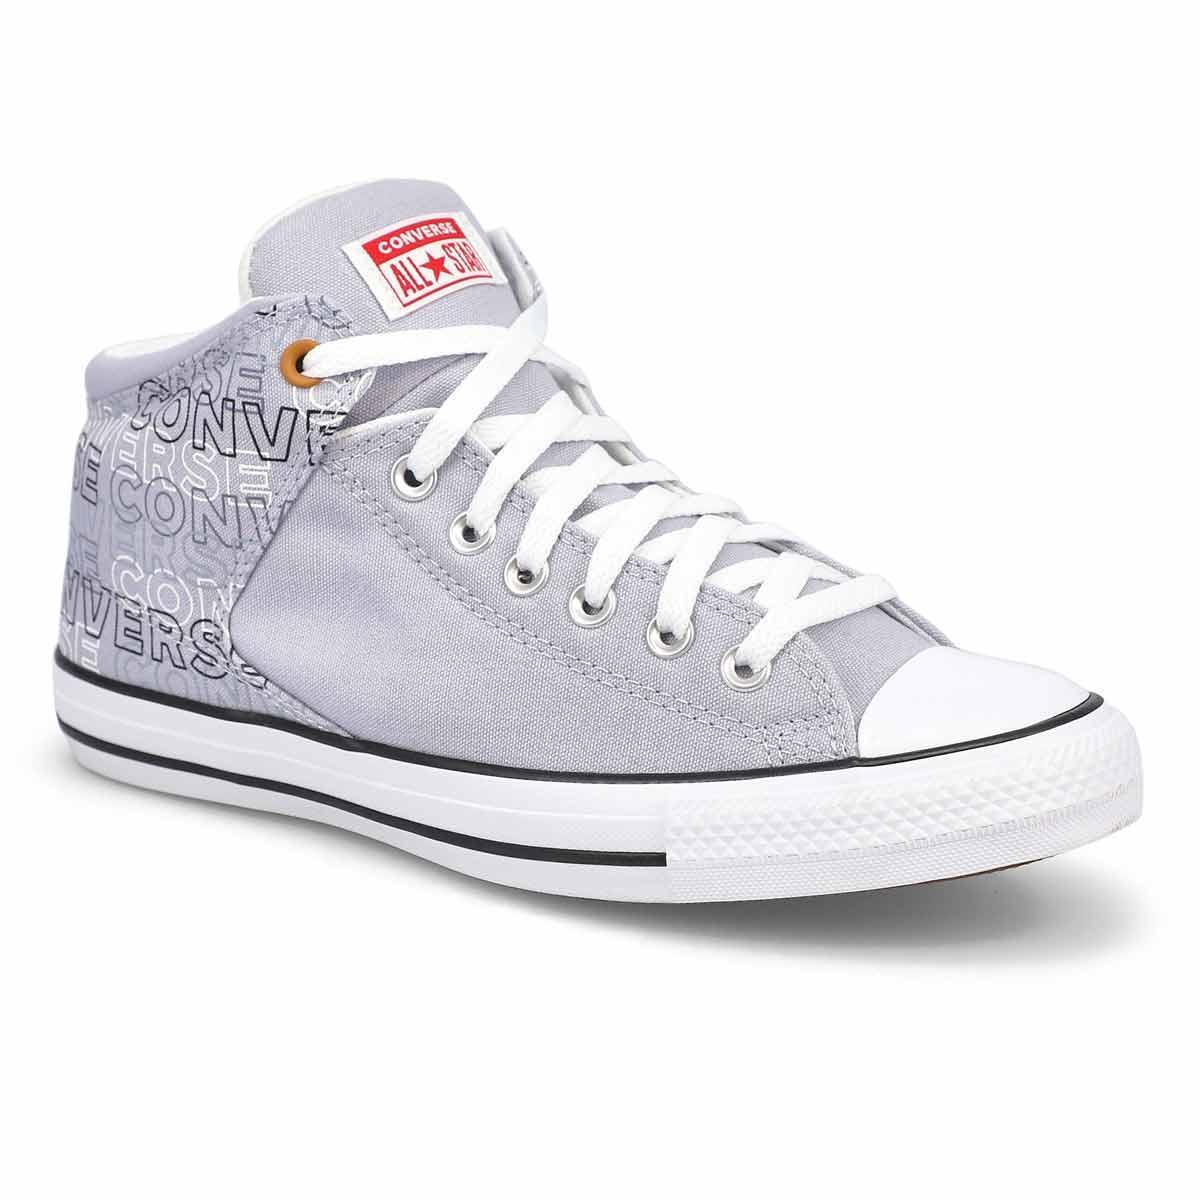 Men's All Star High Street Mid Sneaker - Gravel